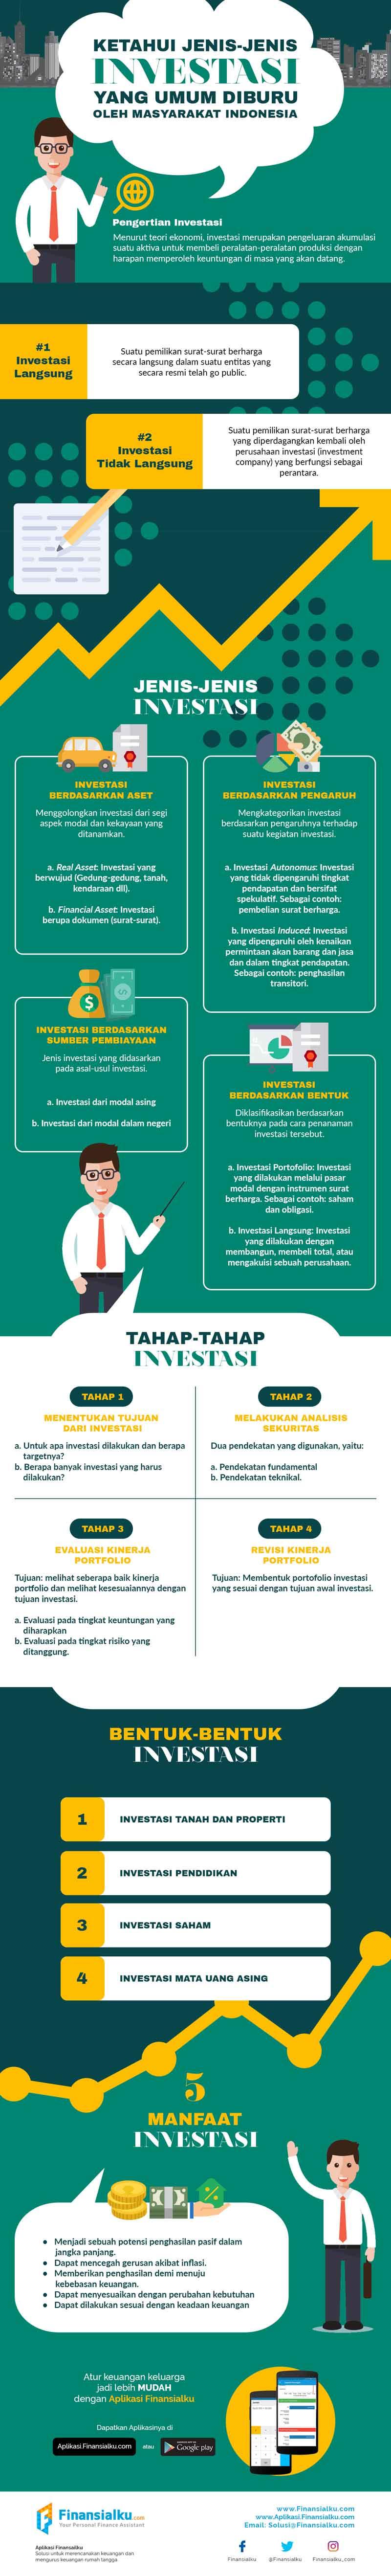 Ketahui Jenis-jenis Investasi yang Umum Diburu oleh Masyarakat Indonesia - Finansialku